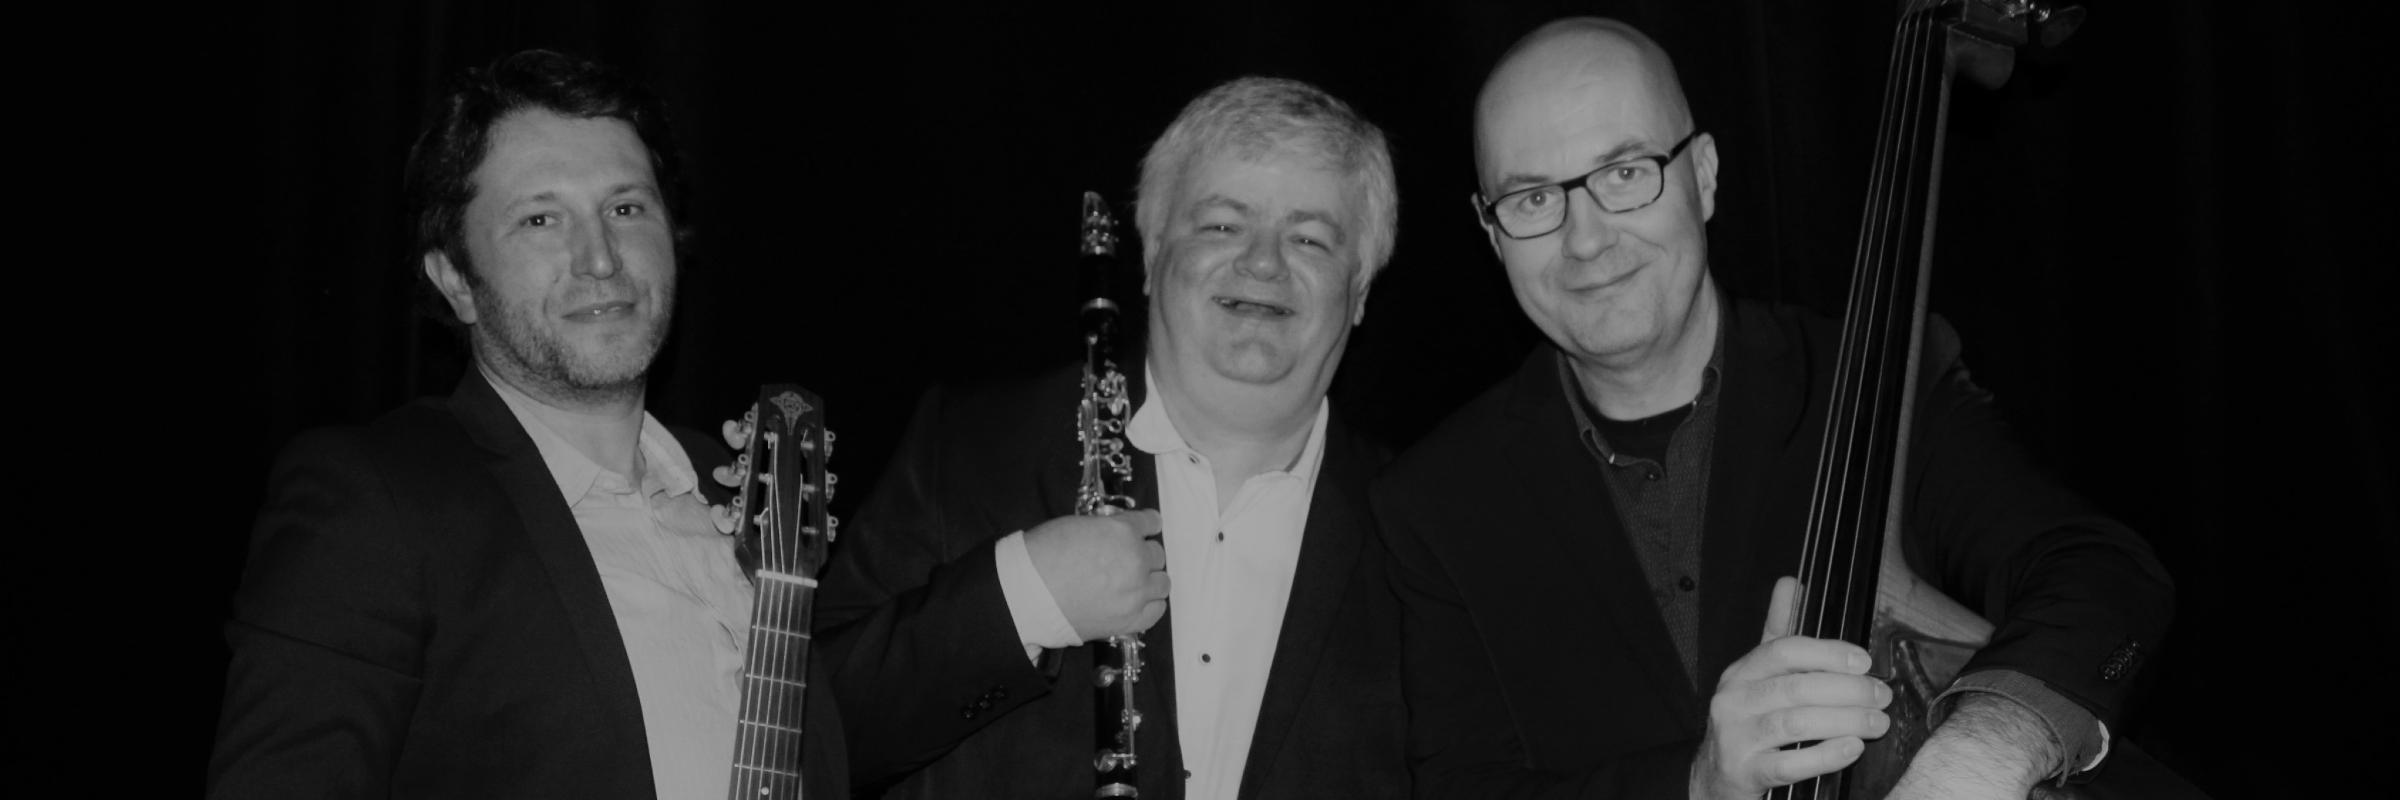 Swing Connexion, groupe de musique Jazz en représentation à Maine et Loire - photo de couverture